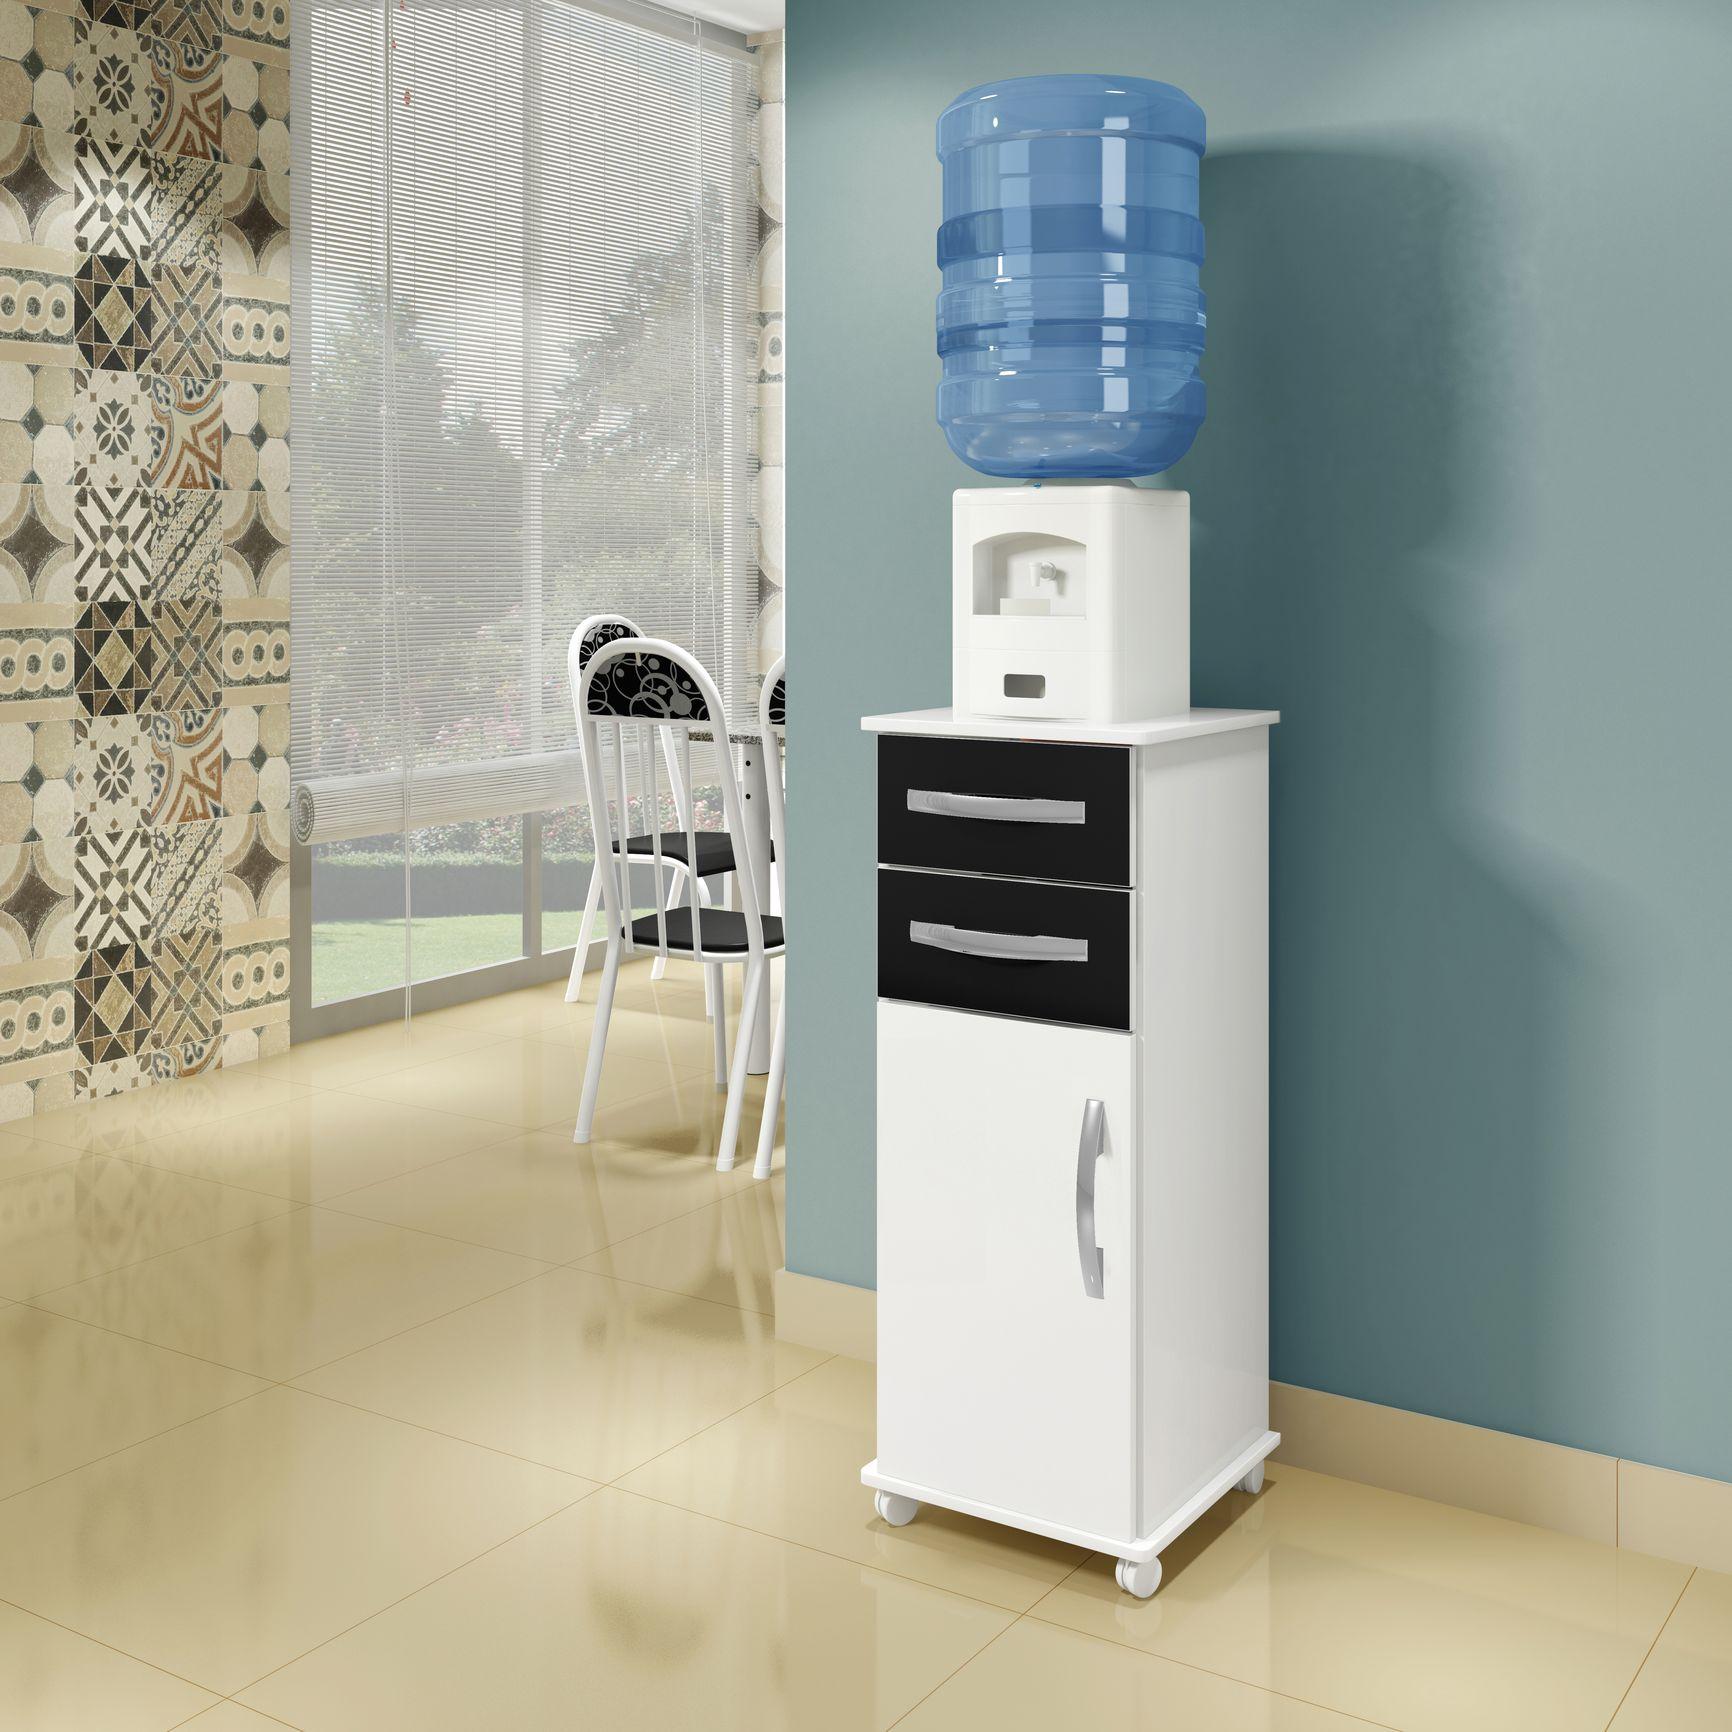 Balcão Tókio Armário de Cozinha Casa Utilitário Área Serviço